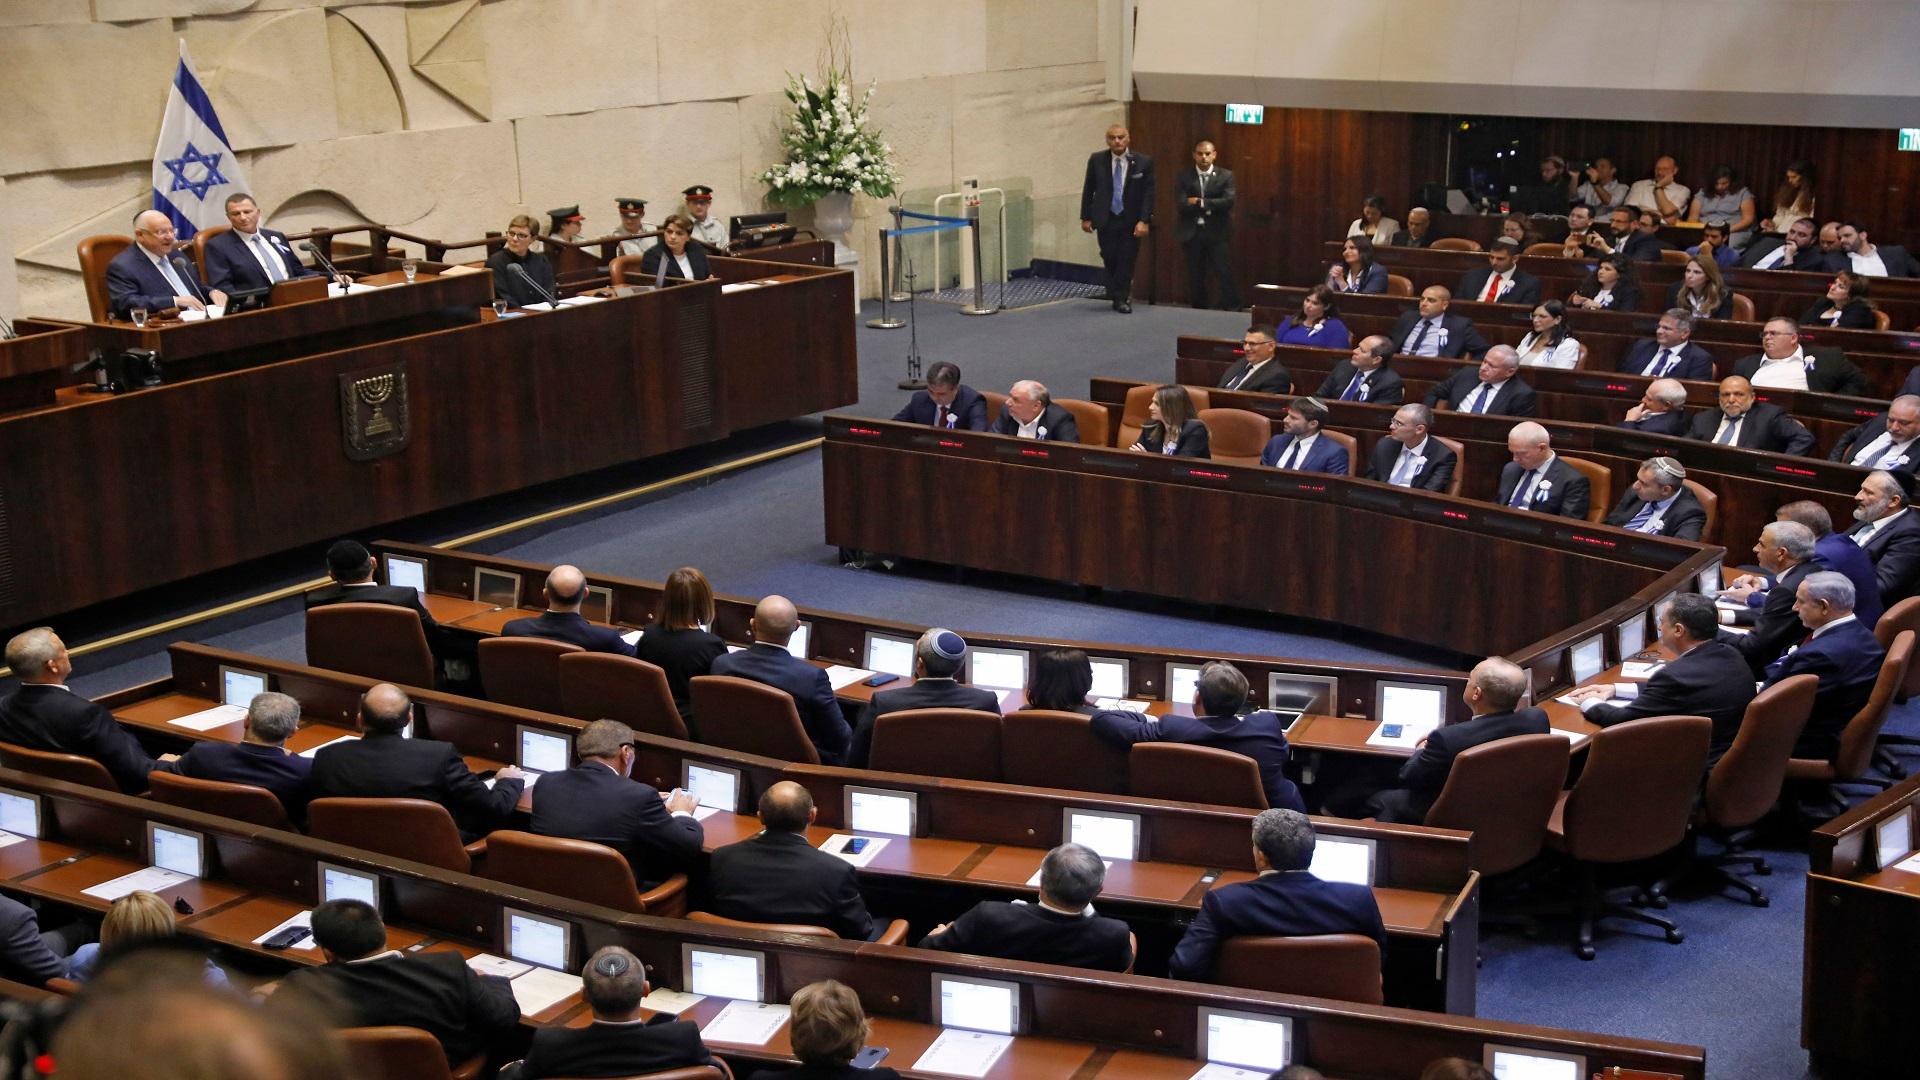 """نتنياهو يتعهد بإسقاط """"حكومة التغيير""""ويصفها باليسارية الخطيرة تستند إلى الإرهاب"""